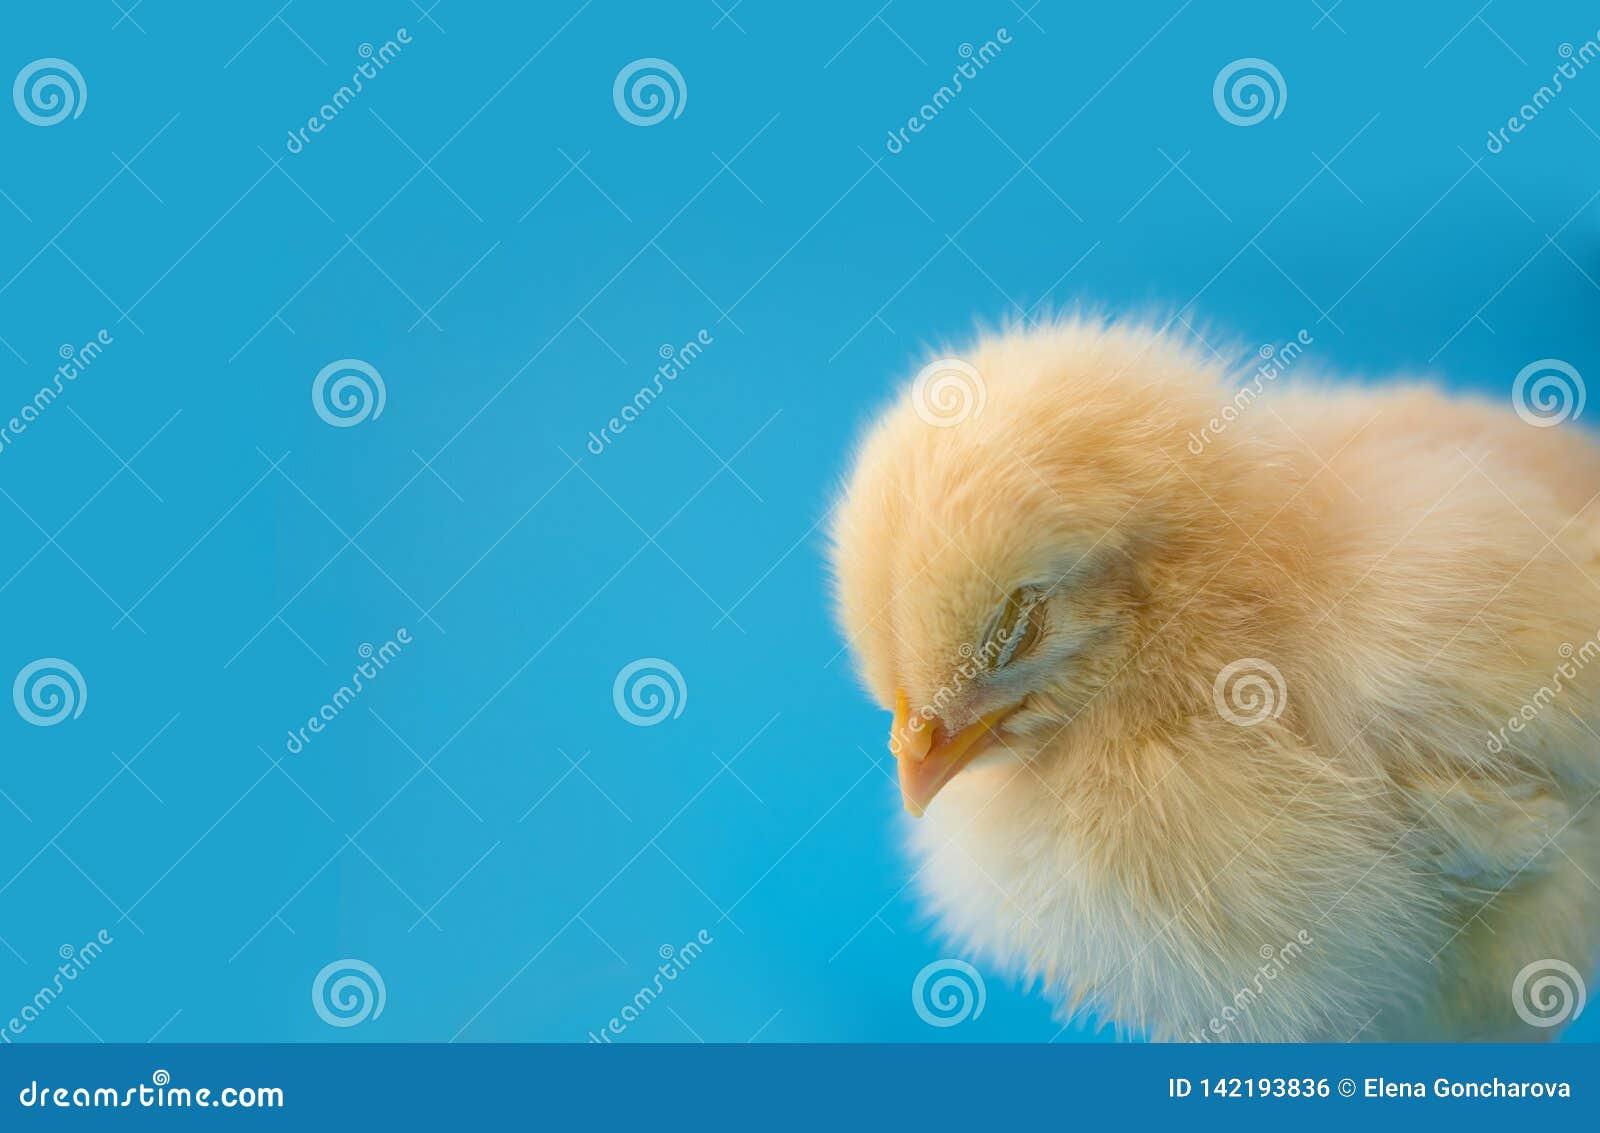 Pollo amarillo soñoliento recién nacido en un fondo azul